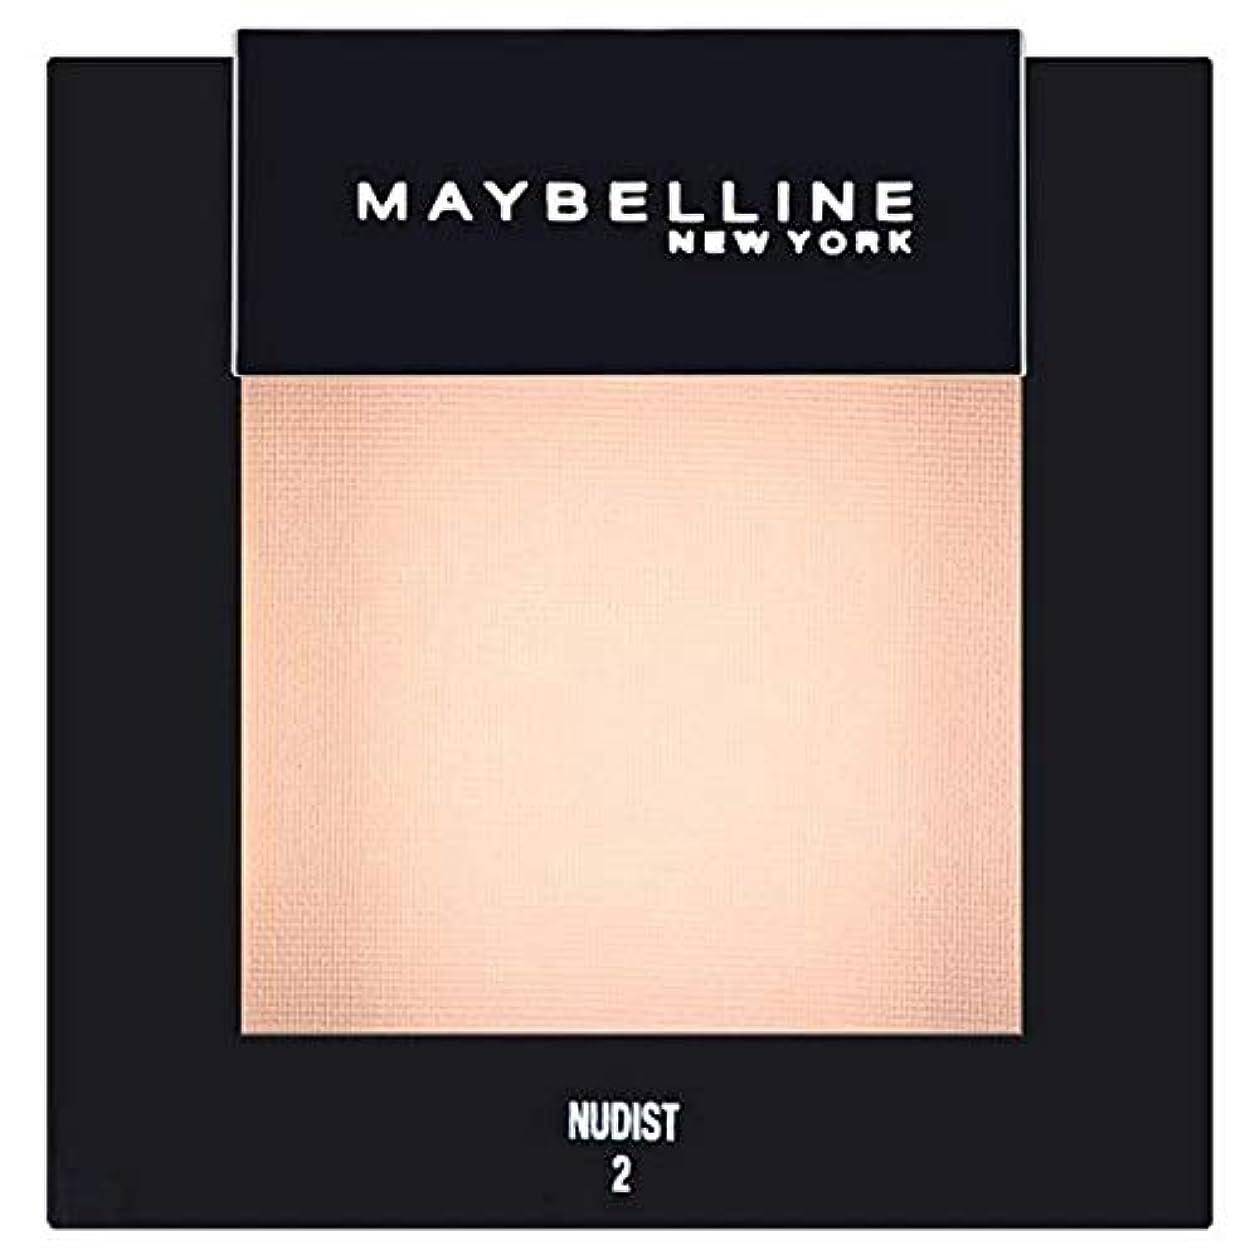 永久おしゃれじゃない平和的[Maybelline ] メイベリンカラーショーシングルアイシャドウ02ヌーディスト - Maybelline Color Show Single Eyeshadow 02 Nudist [並行輸入品]